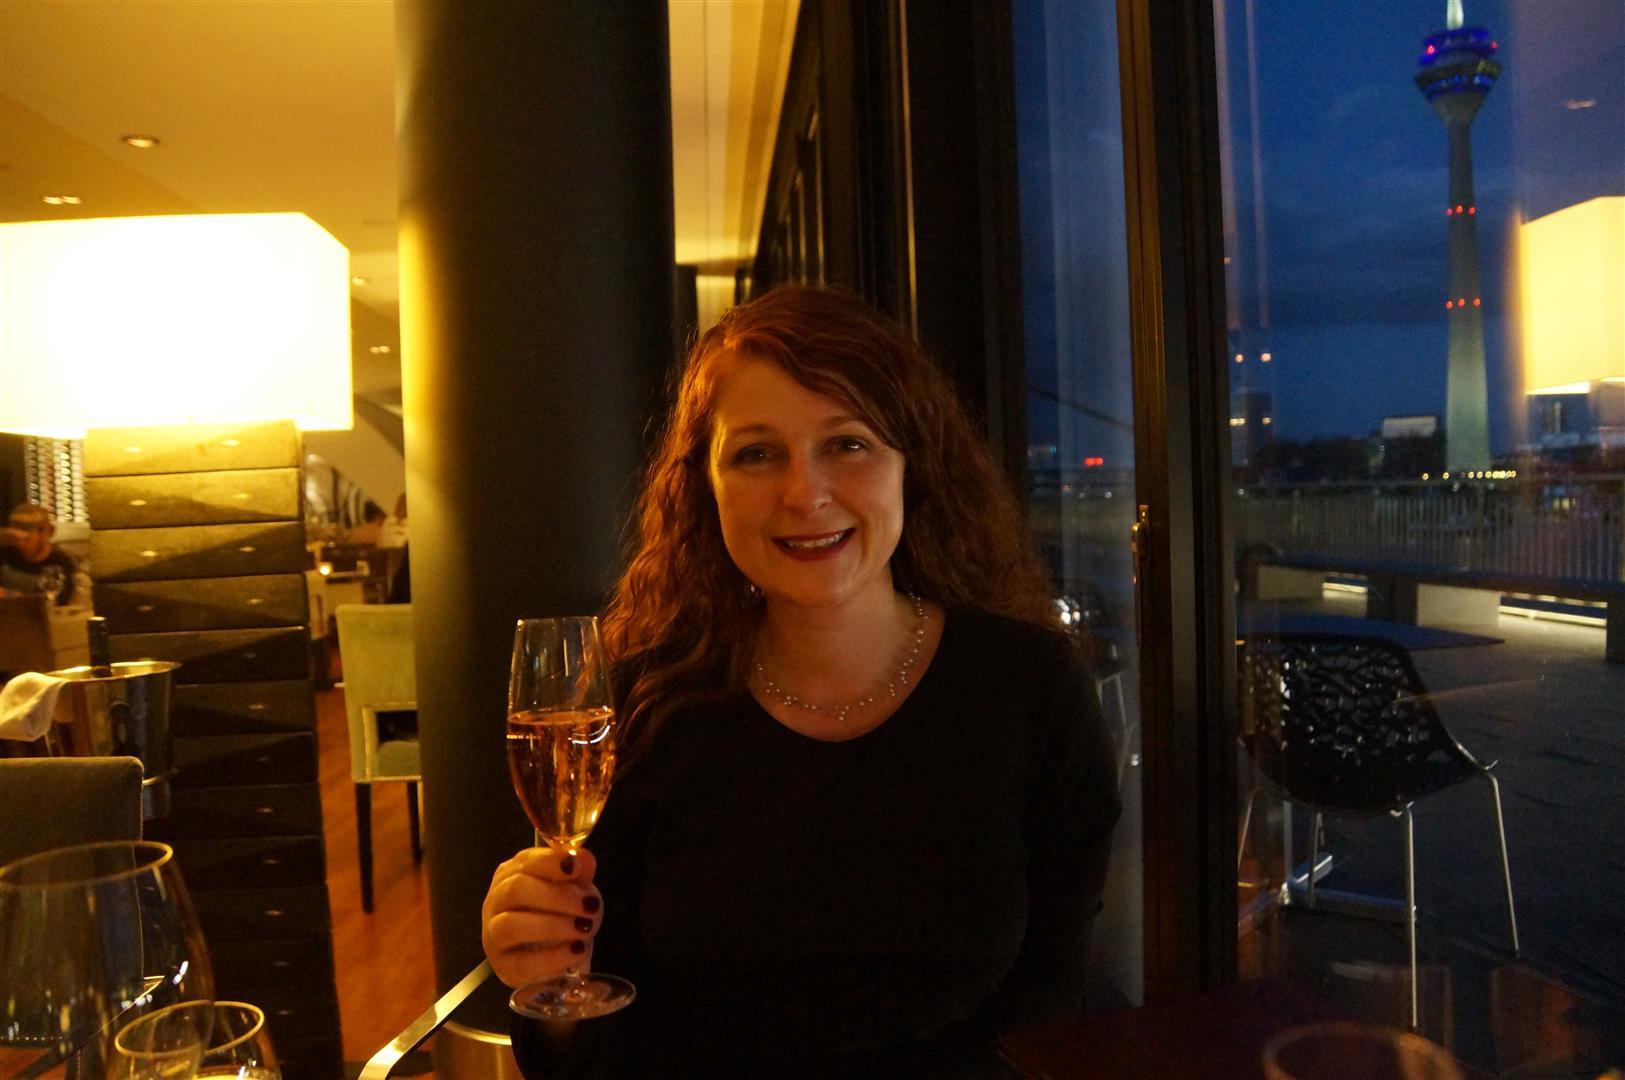 Ü50 Bloggerin Cerstin mit Billecart-Salmon, Brut rosé Champagner im DOX Restaurant des Hyatt Regency Düsseldorf